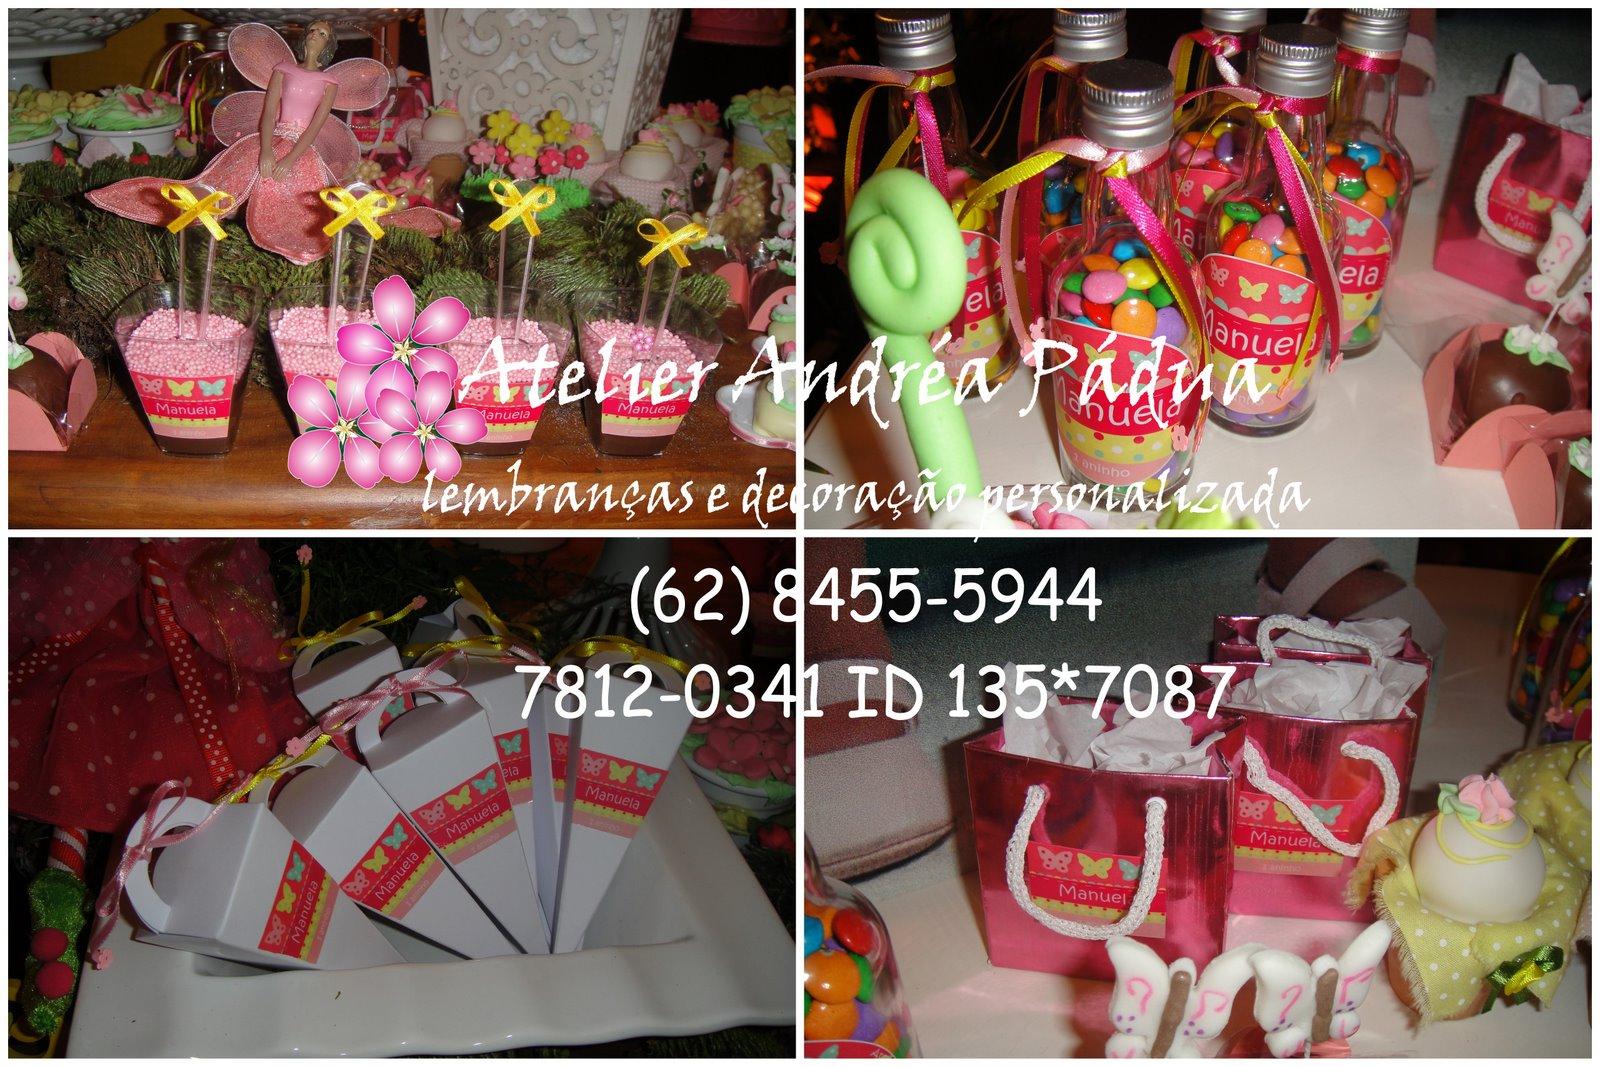 , doces e decoração personalizada aniversário Manuela 1 ano